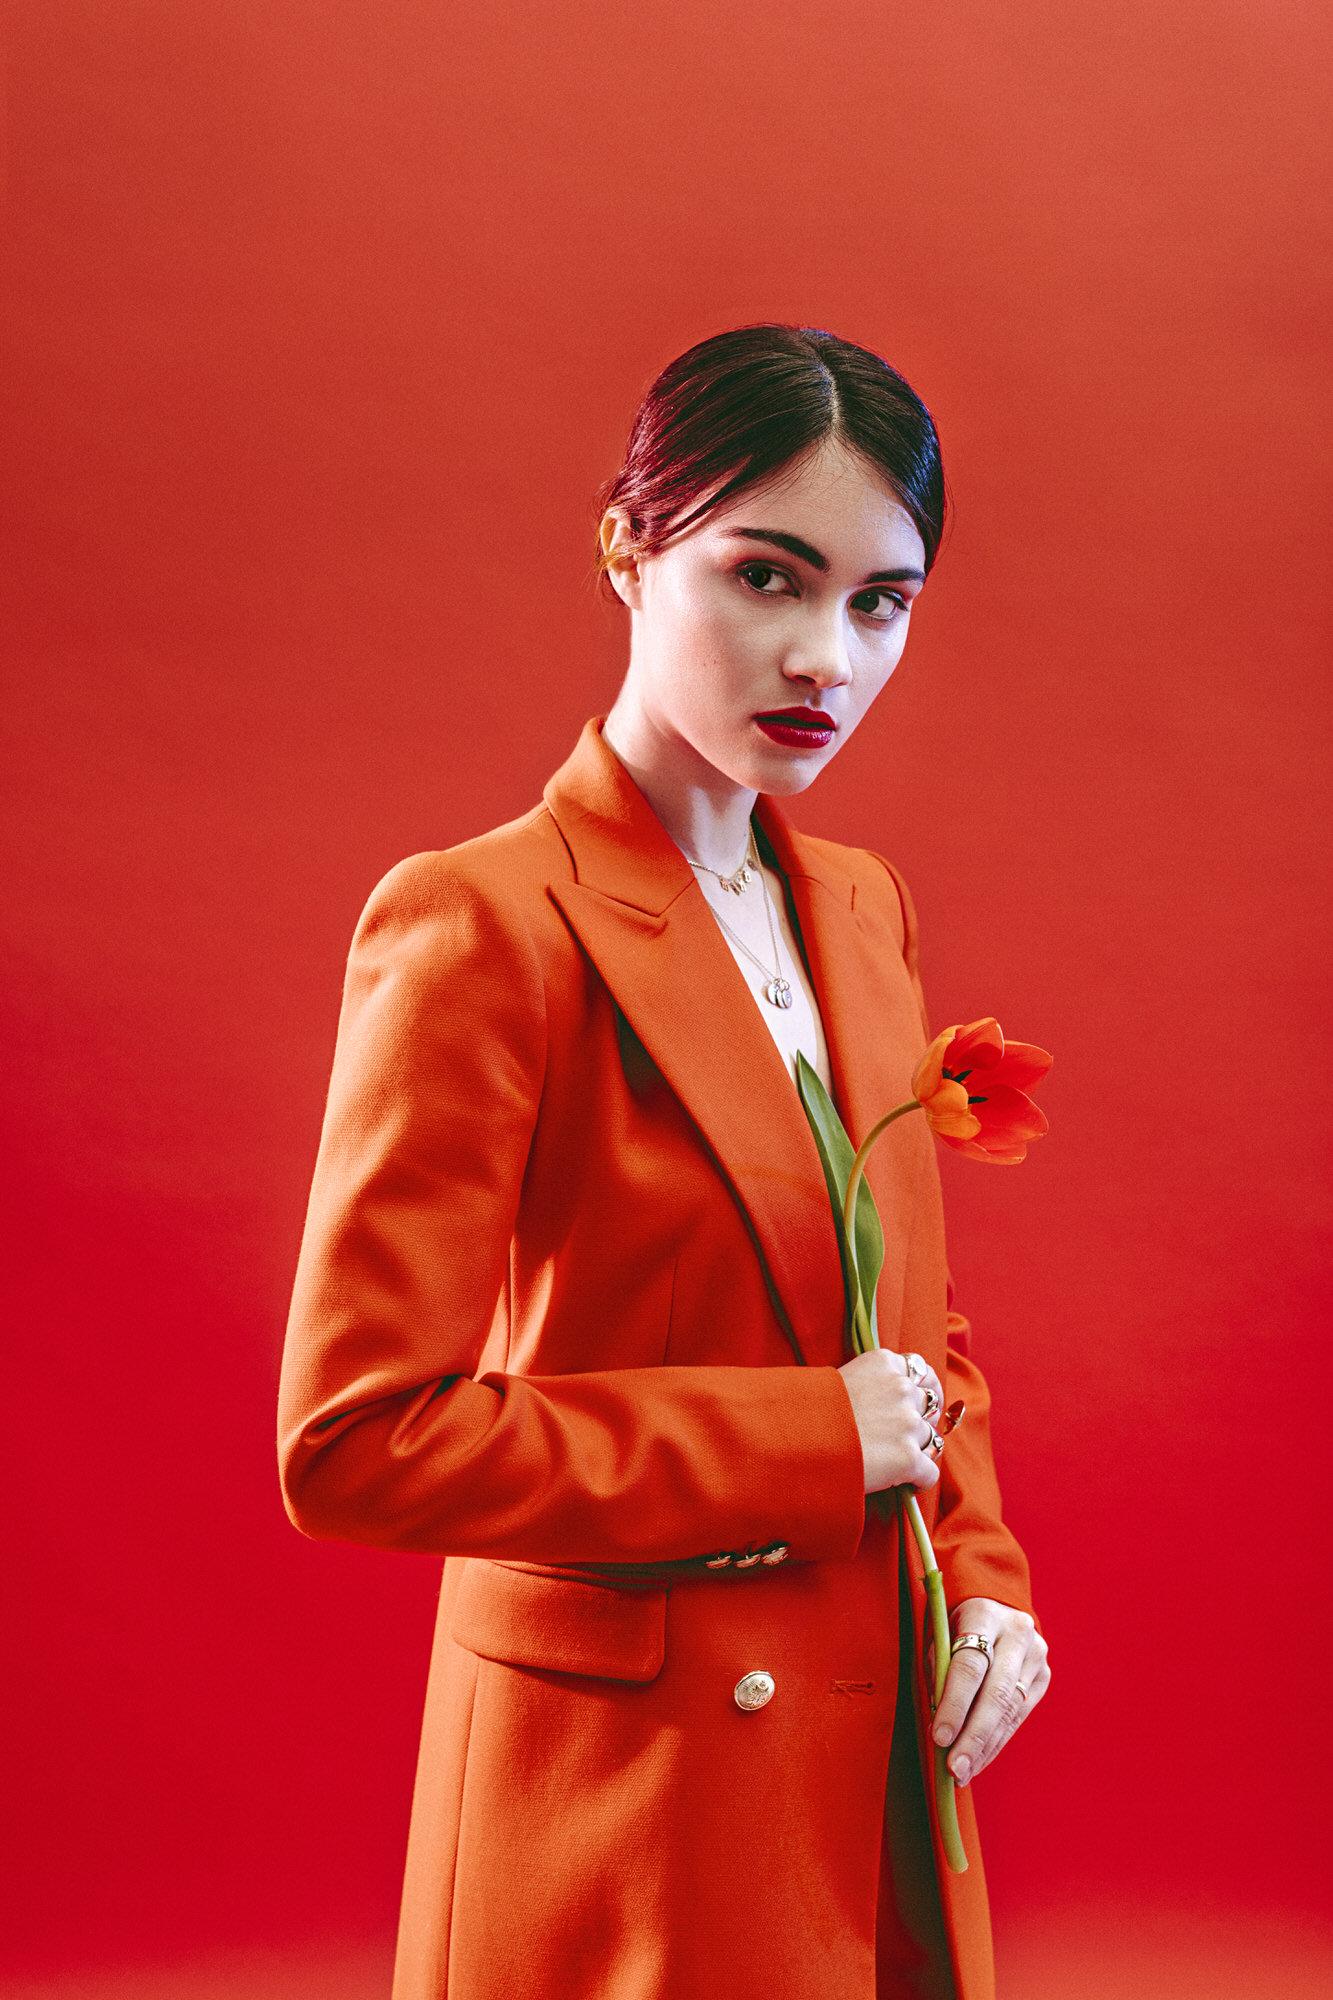 fotografo-retrato-moda-valencia-04